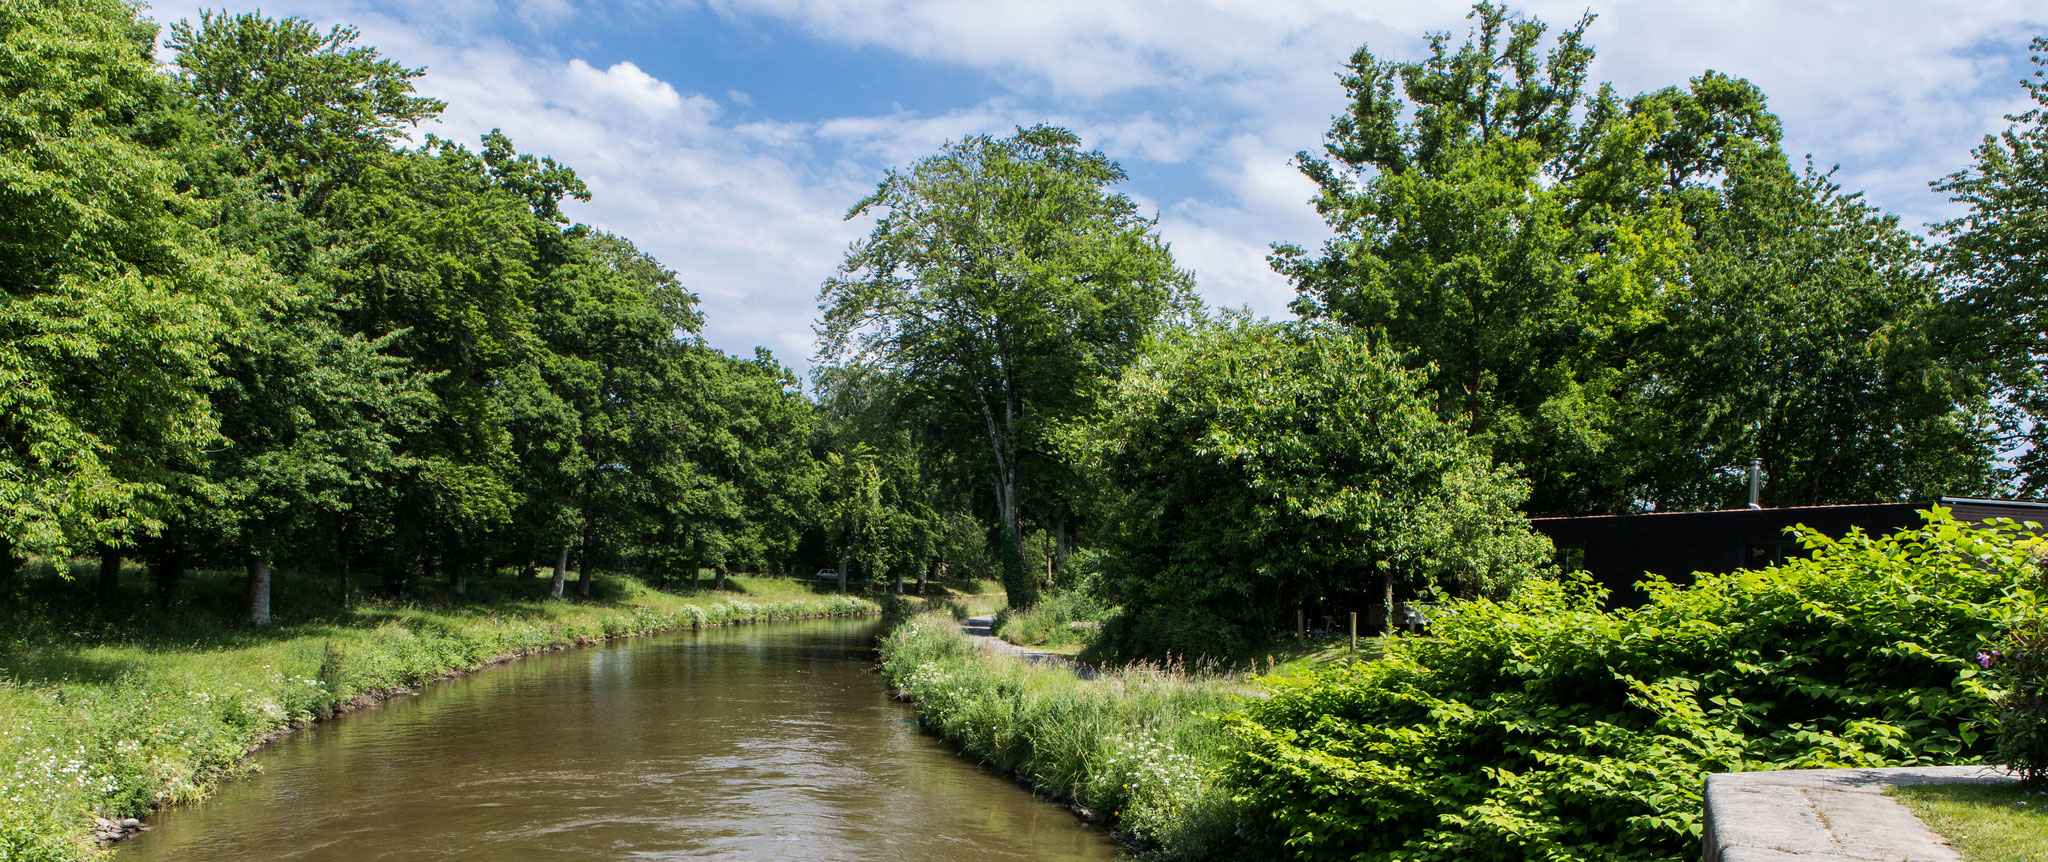 Le Canal d'Ille et Rance